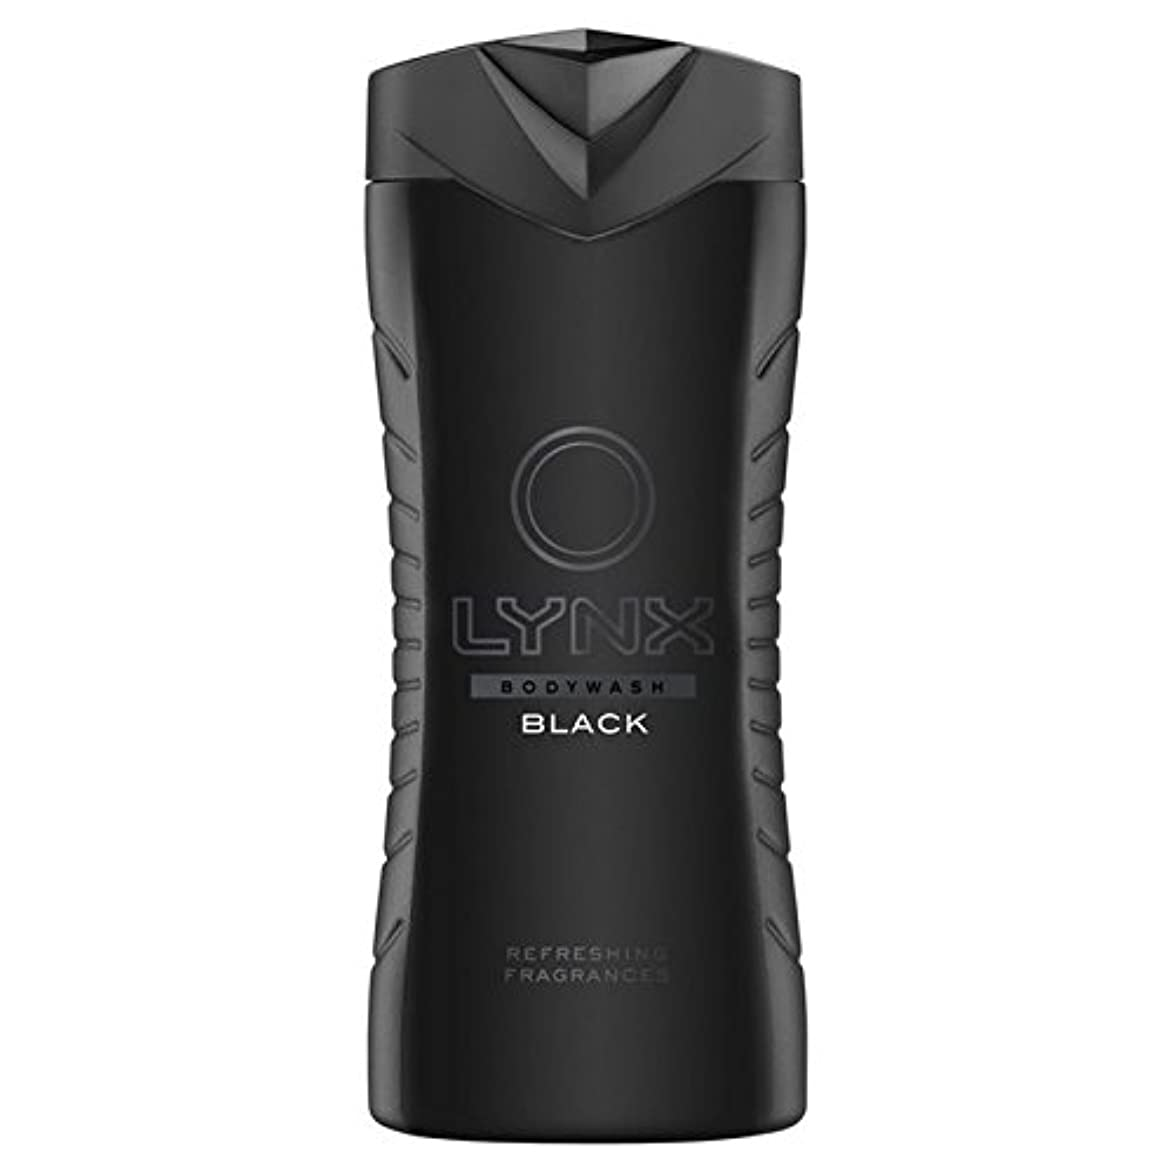 スプレーいらいらさせる健康的Lynx Black Shower Gel 400ml (Pack of 6) - オオヤマネコブラックシャワージェル400ミリリットル x6 [並行輸入品]